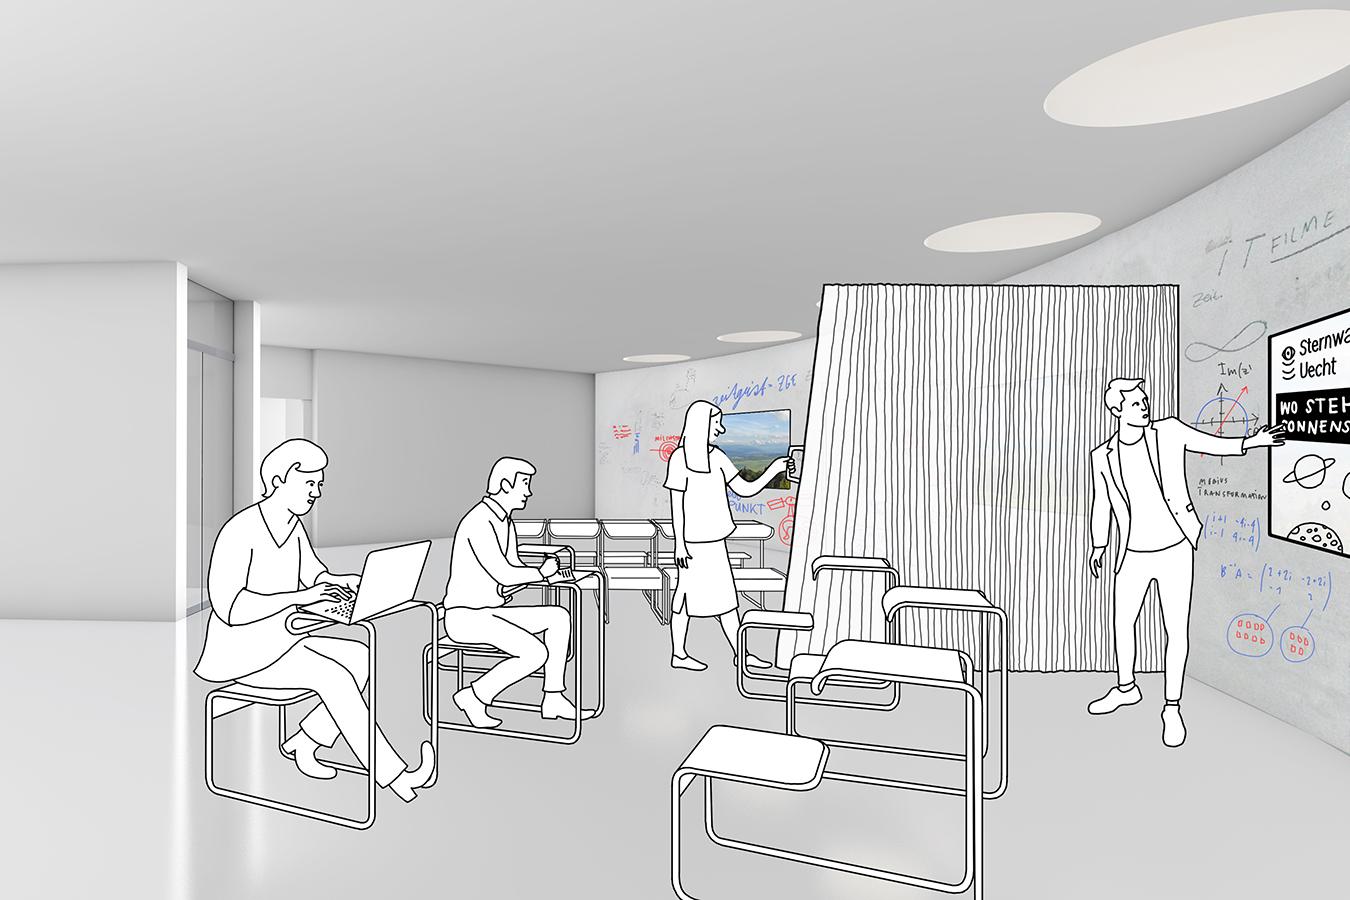 Neue Sternwarte Uecht Ausstellung und Workspace Visualisierung